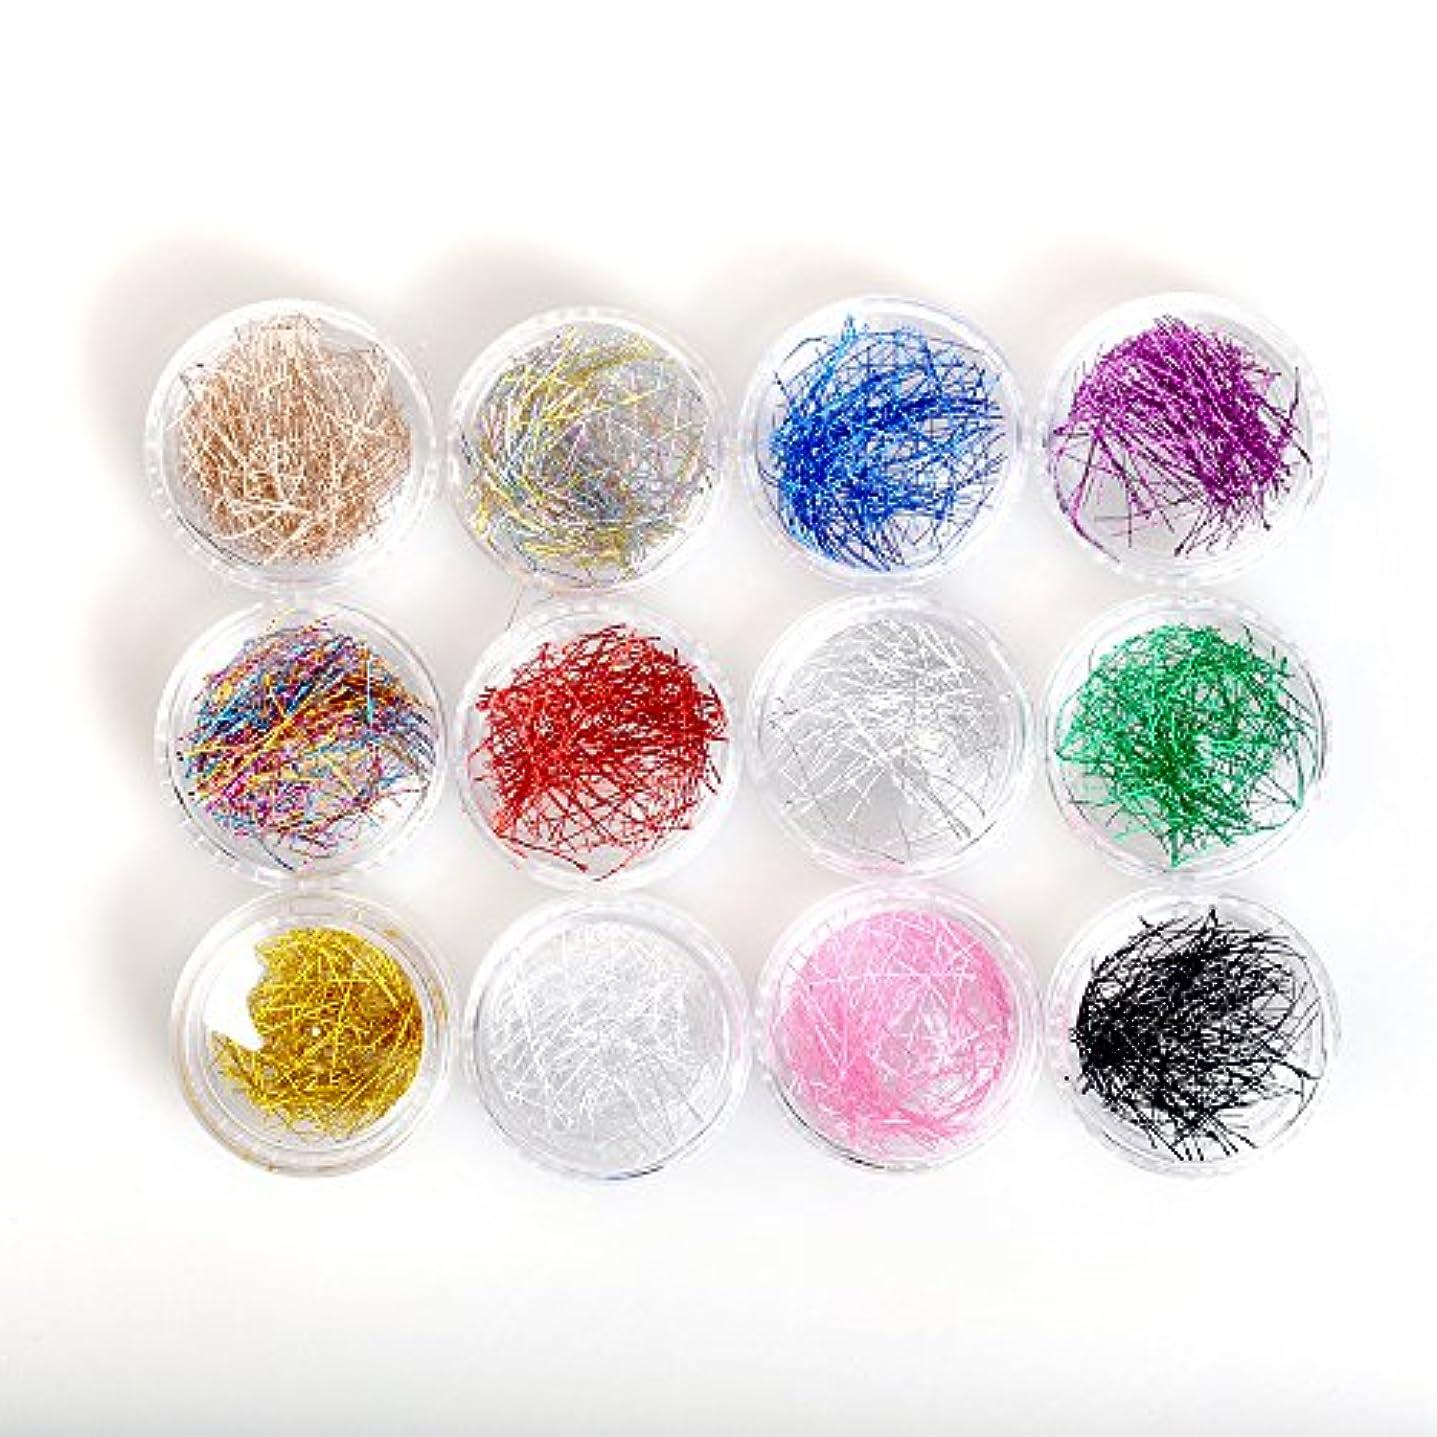 ネイルアート ラメ糸 レインボー ラメ飾り ネイルデザイン ジェルネイル 12色